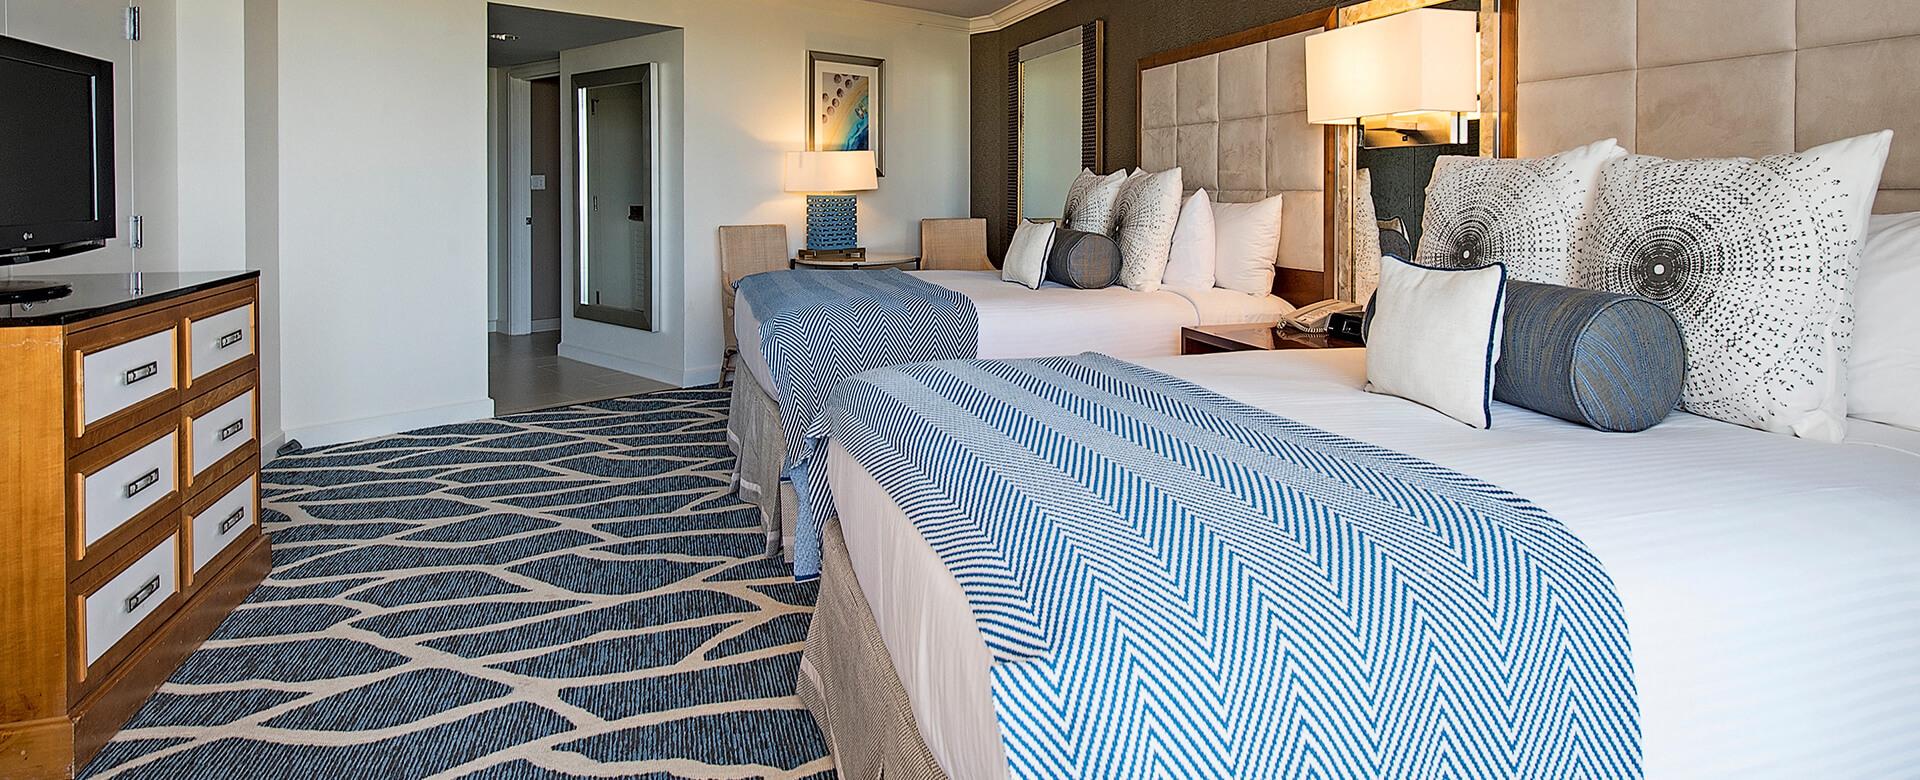 2 Bed Bedroom Naples Grande